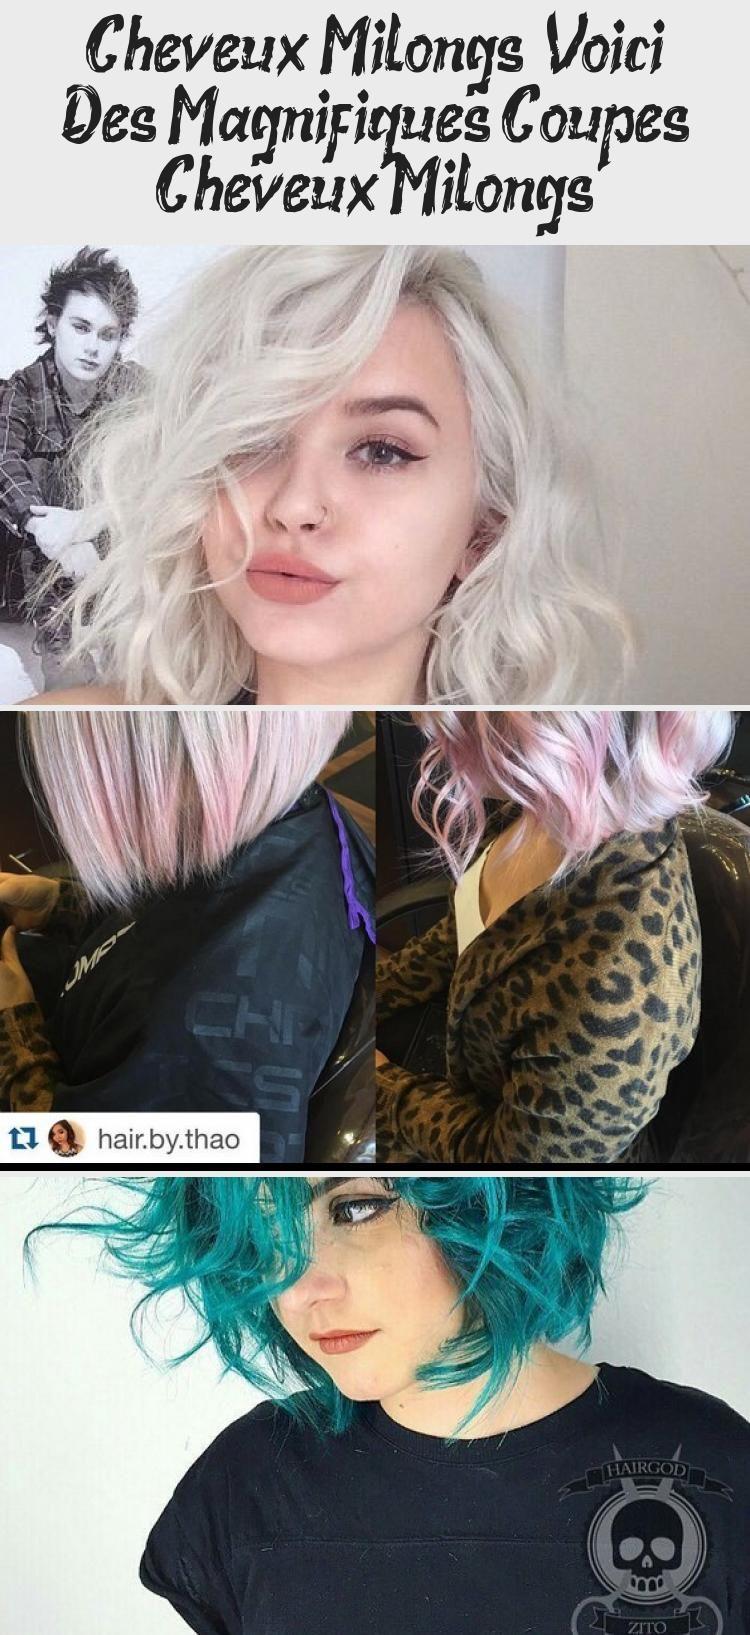 Cheveux Mi-longs : Voici Des Magnifiques Coupes Cheveux Mi-longs